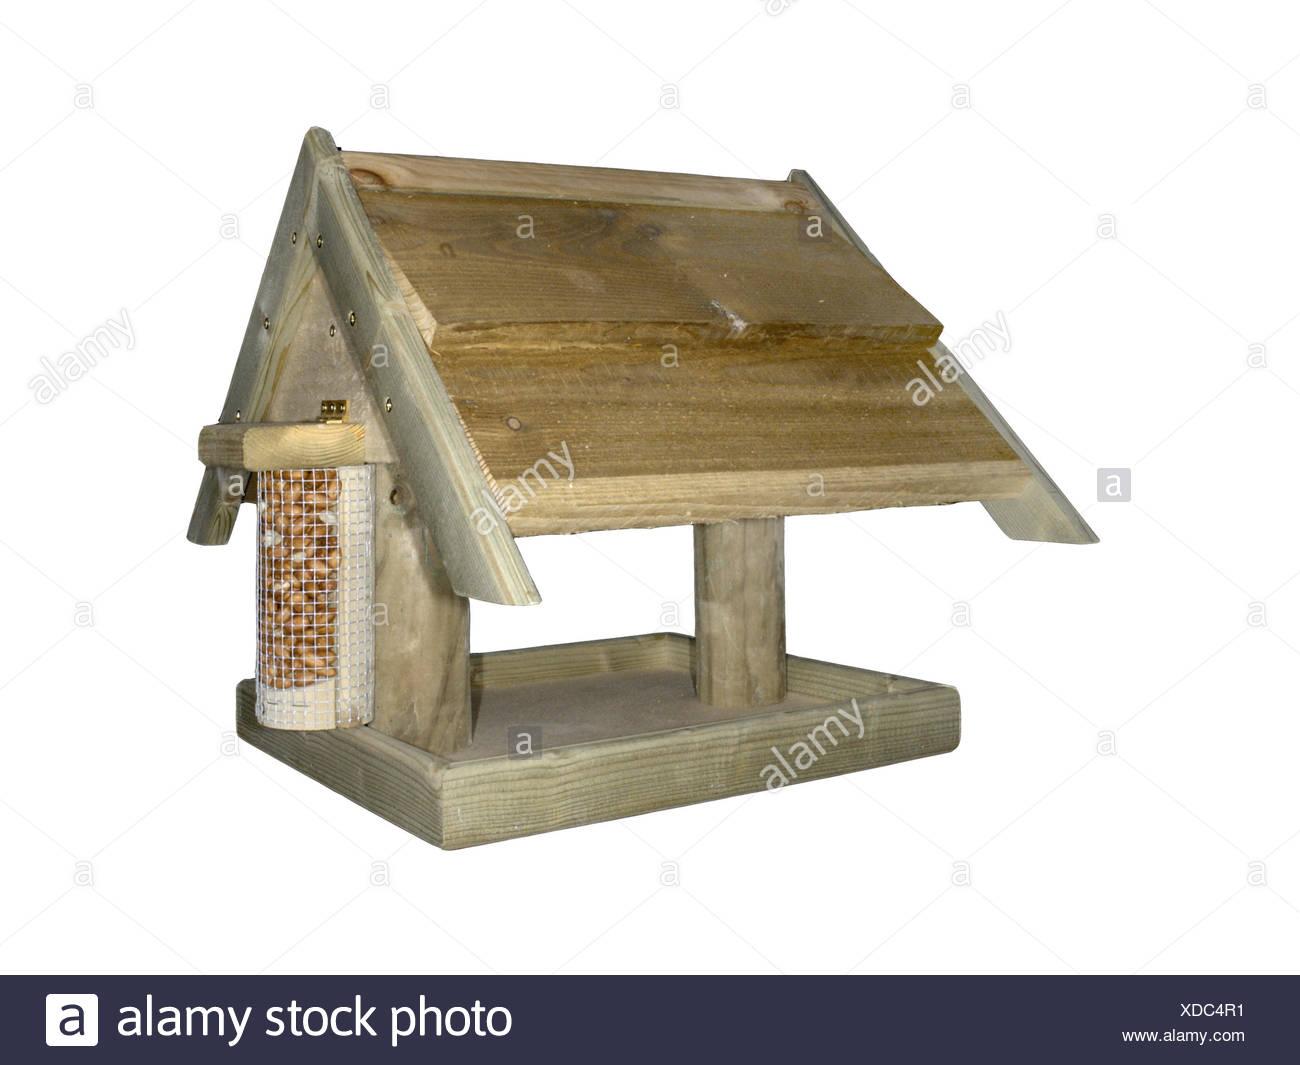 Holz Vogelhaus. Ein gemeinsames Design für Garten Vögel zu füttern. Stockbild